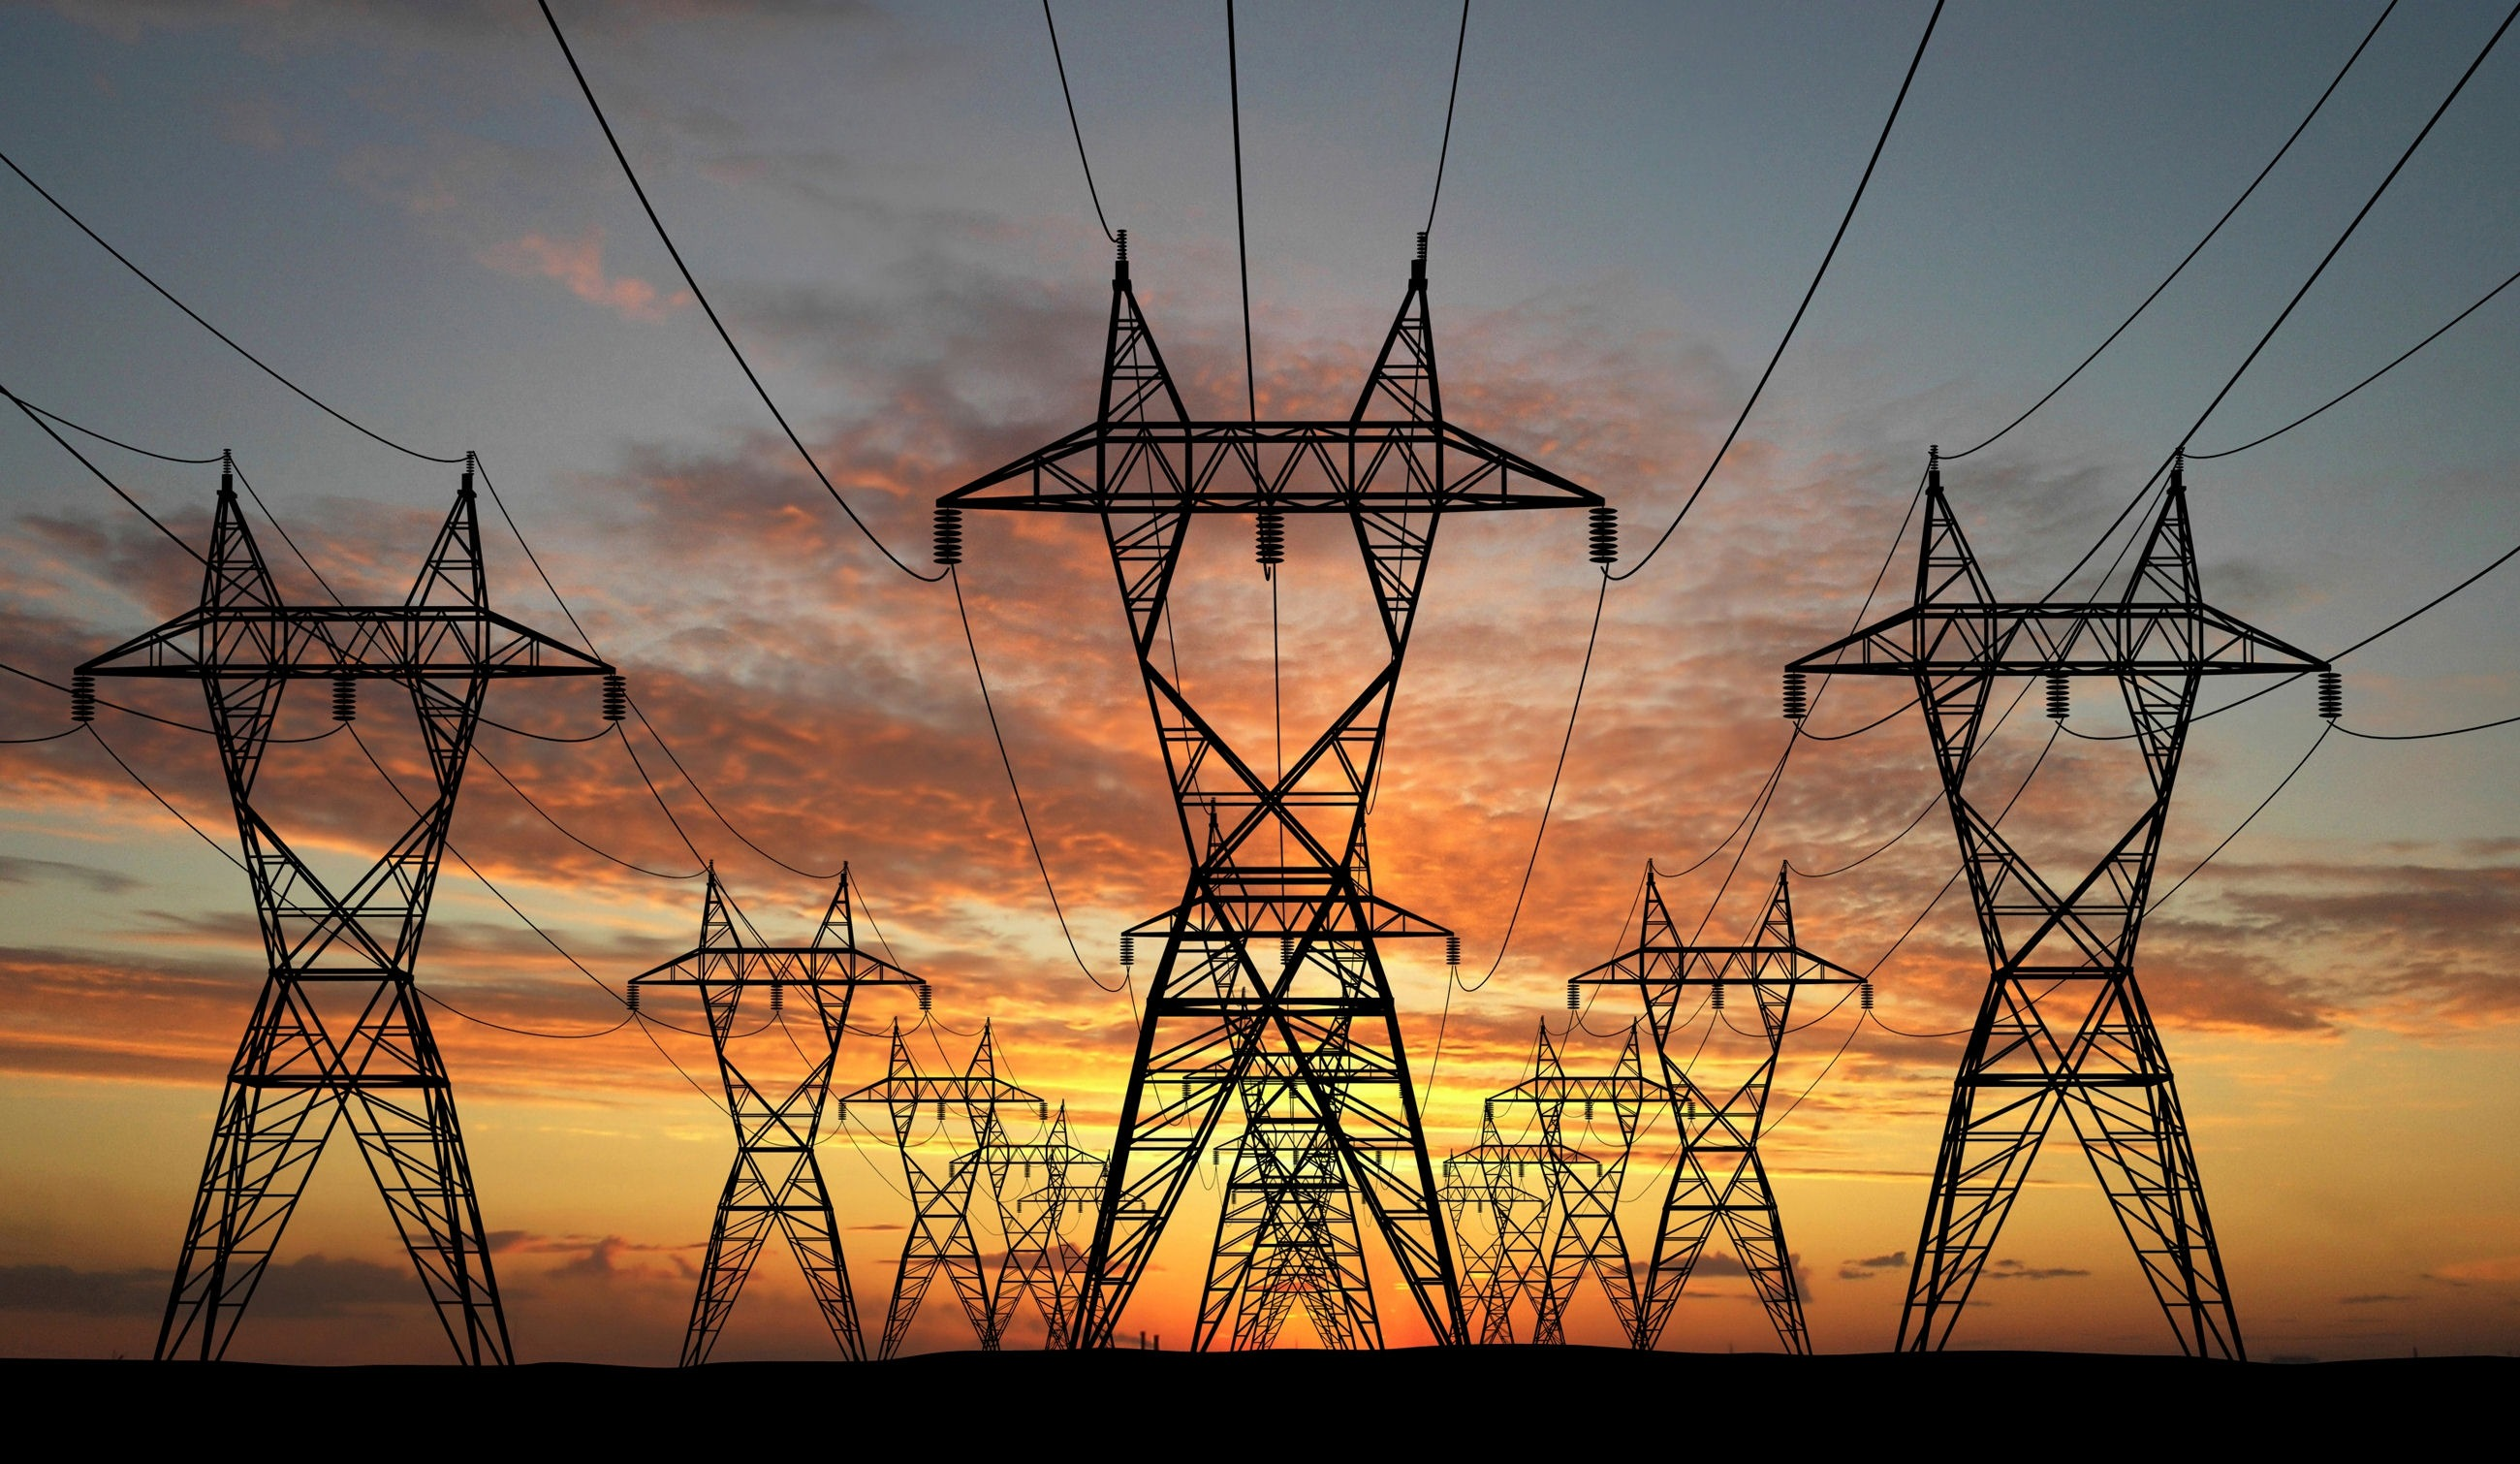 القائمة الجديدة لأسعار الكهرباء.. وفي هذه الحالة يمكن خفضها مستقبلا